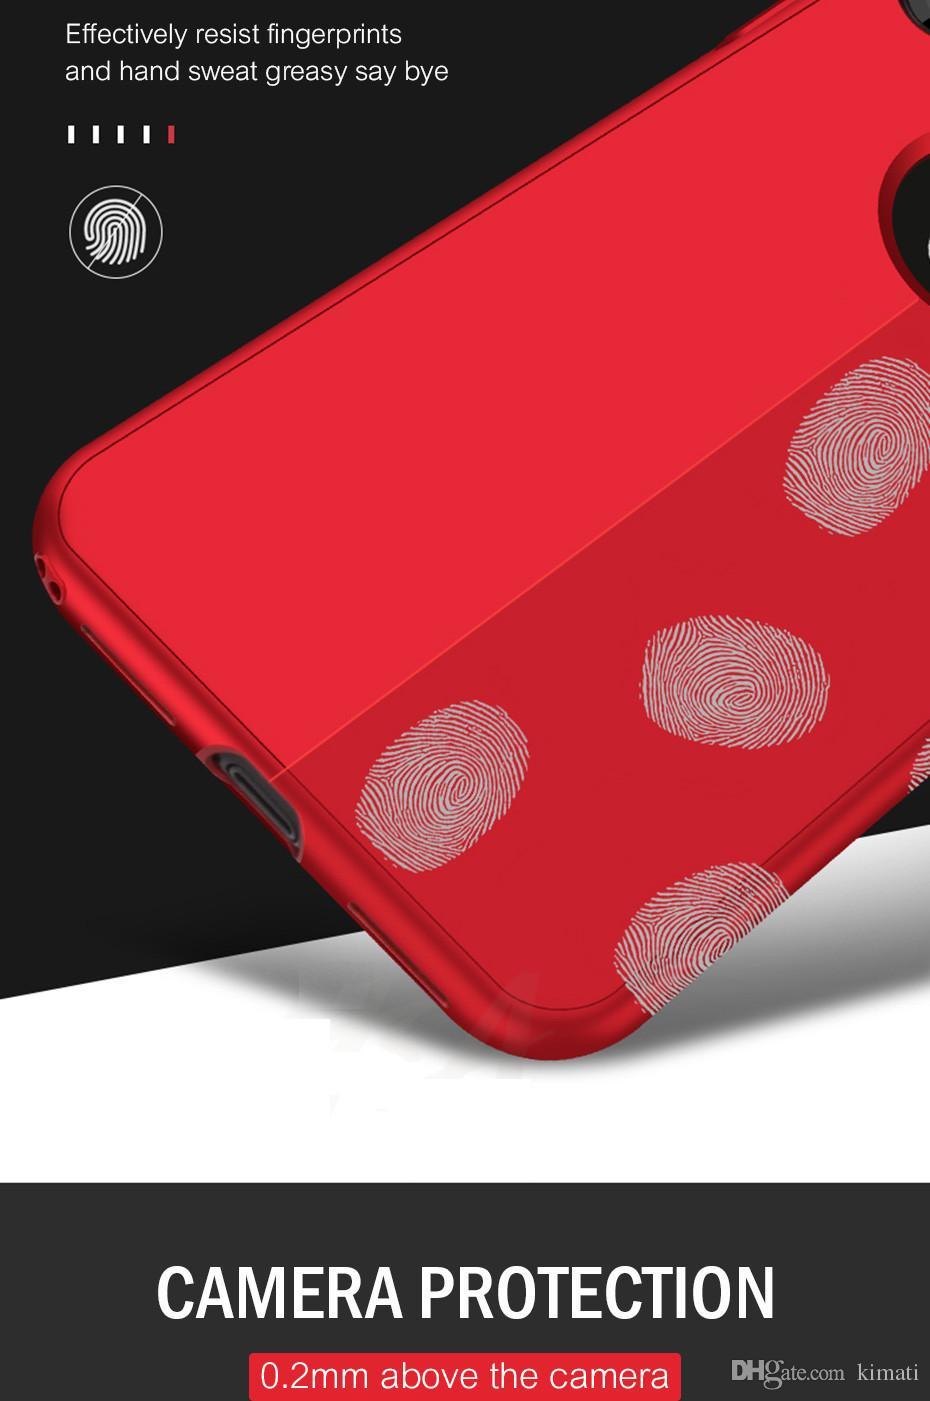 360 grados de protección ultrafina de cuerpo completo Fundas de silicona blanda TPU para iPhone X 6 6s 7 7plus 8 8 Plus Funda trasera